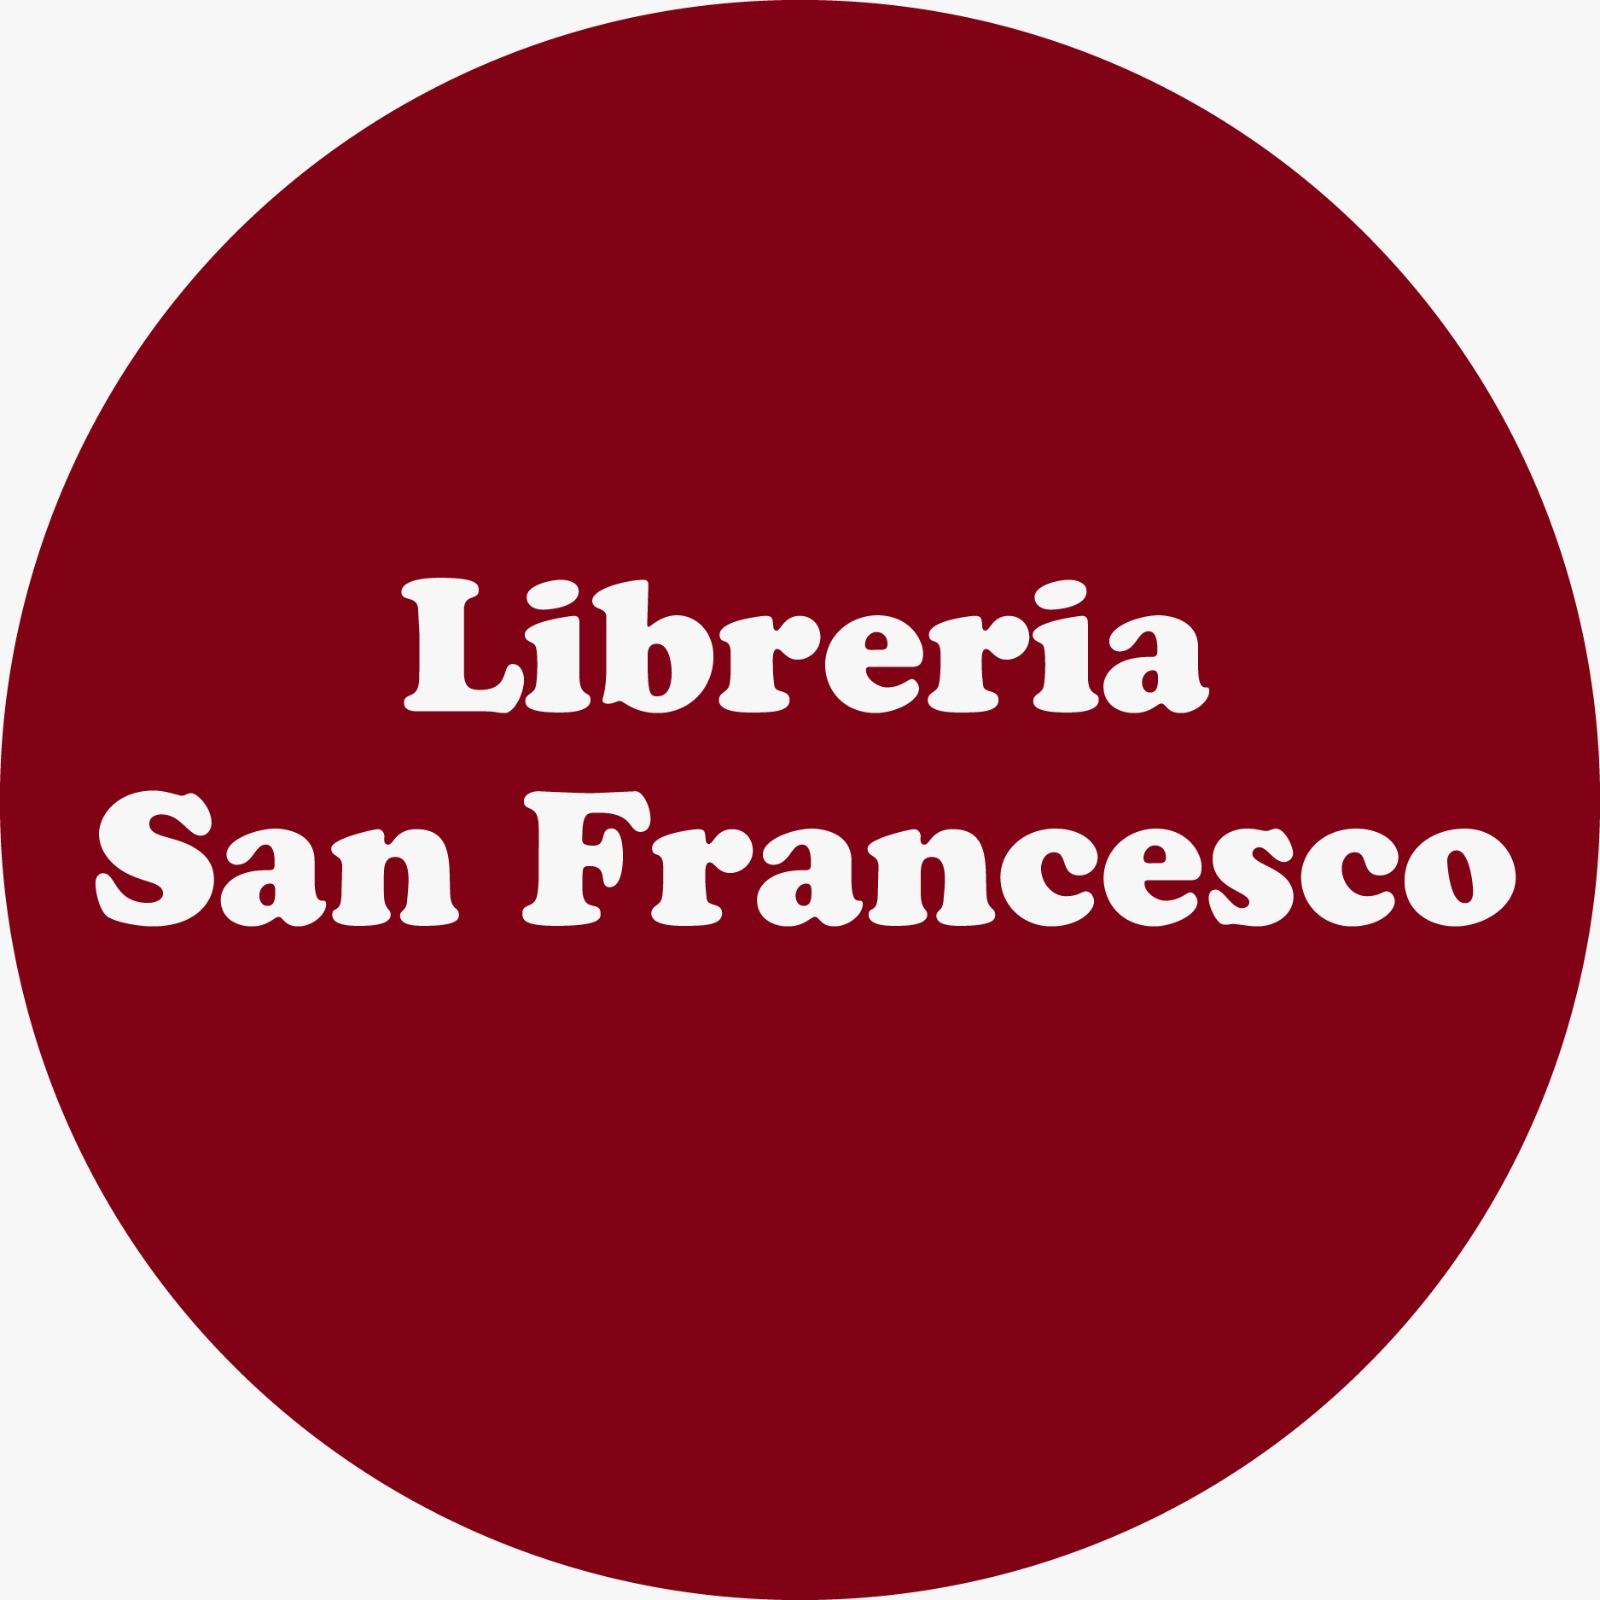 Libreria San Francesco